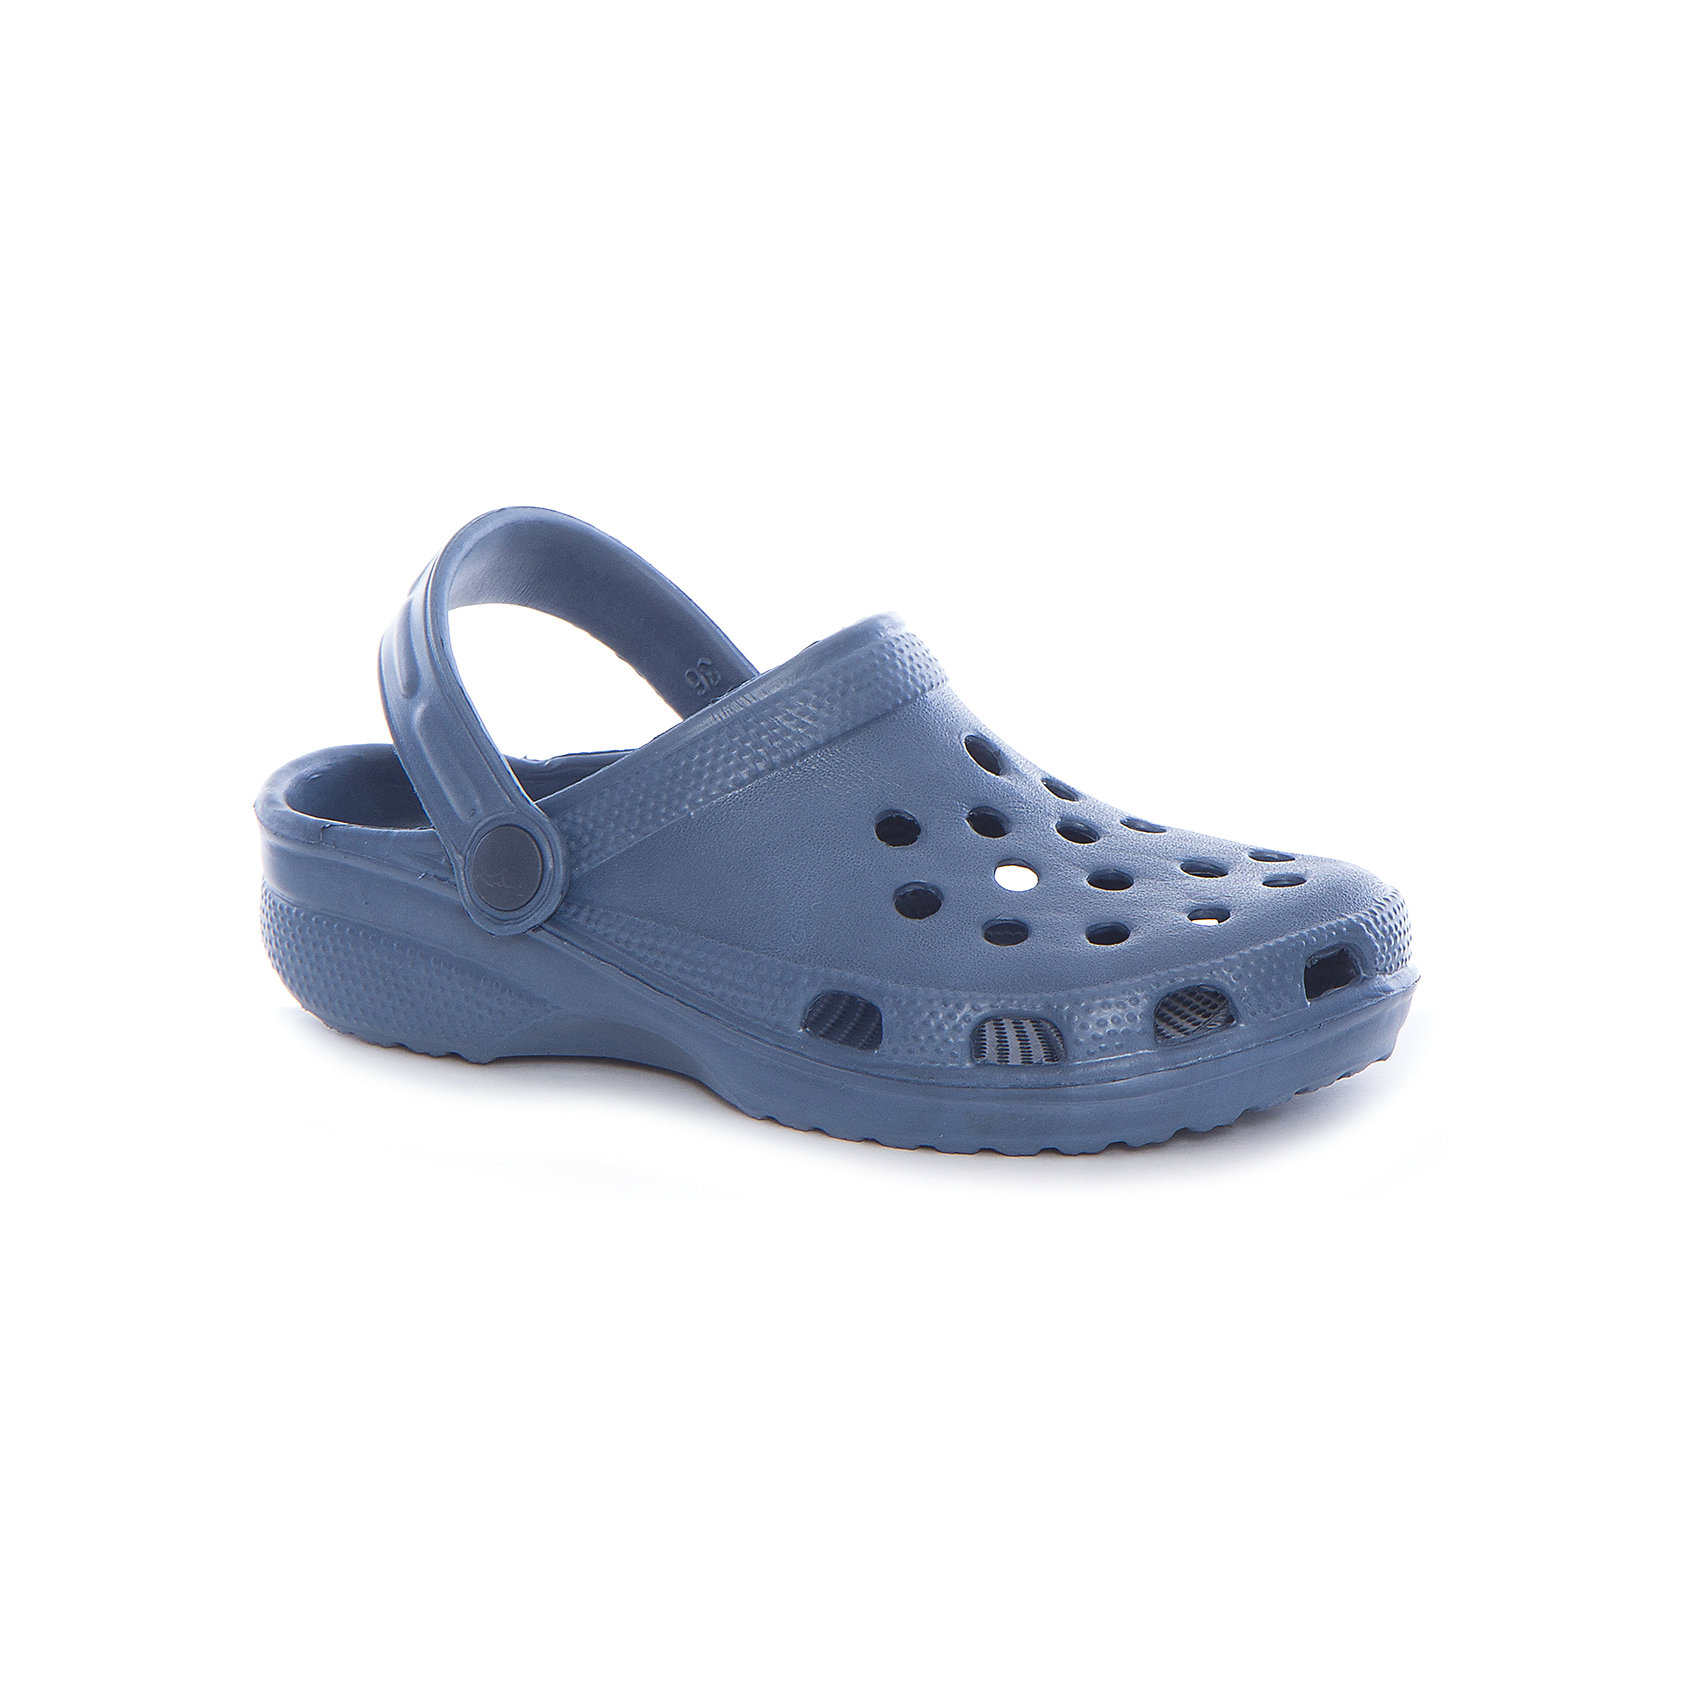 Сабо для мальчика ScoolПляжная обувь<br>Пантолеты для мальчика Scool<br>Удобные пантолеты (кроксы) прекрасно подойдут и для поездки на пляж, и для дачи. Модель с подвижным запяточным ремнем, который можно откинуть , что позволяет легко снимать и одевать обувь. Изготовлены из легкого материала. Перфорация в верхней части обеспечивает вентиляцию ноги<br>Состав:<br>100% этилвинилацетат<br><br>Ширина мм: 225<br>Глубина мм: 139<br>Высота мм: 112<br>Вес г: 290<br>Цвет: синий<br>Возраст от месяцев: 168<br>Возраст до месяцев: 1188<br>Пол: Мужской<br>Возраст: Детский<br>Размер: 39,36,37,38<br>SKU: 5406848